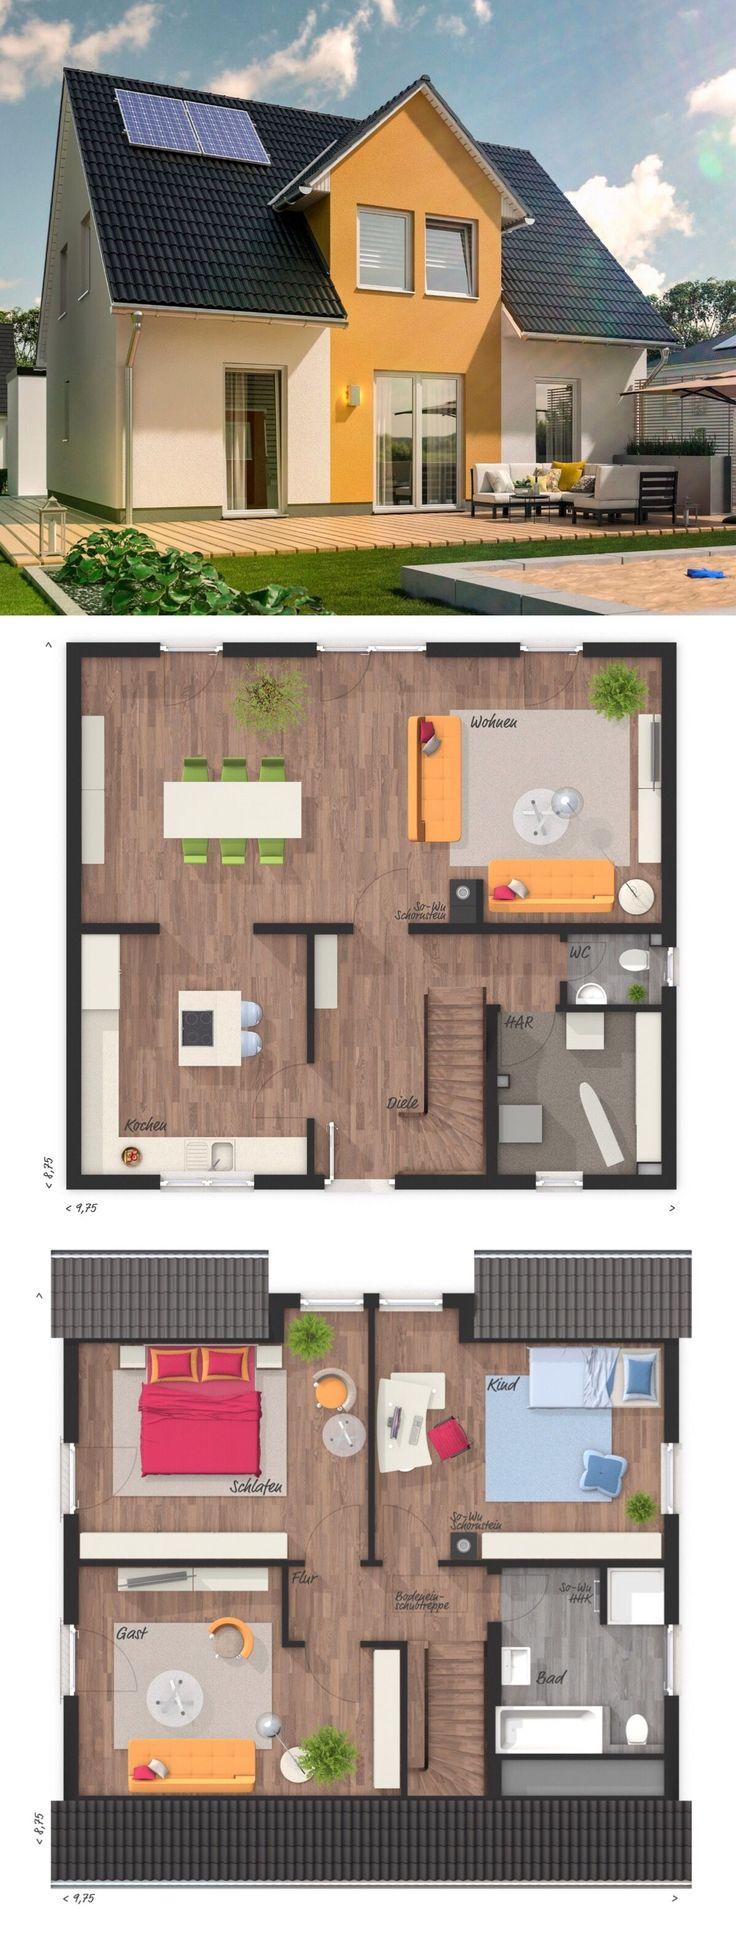 Einfamilienhaus architektur klassisch mit satteldach for Einfamilienhaus klassisch